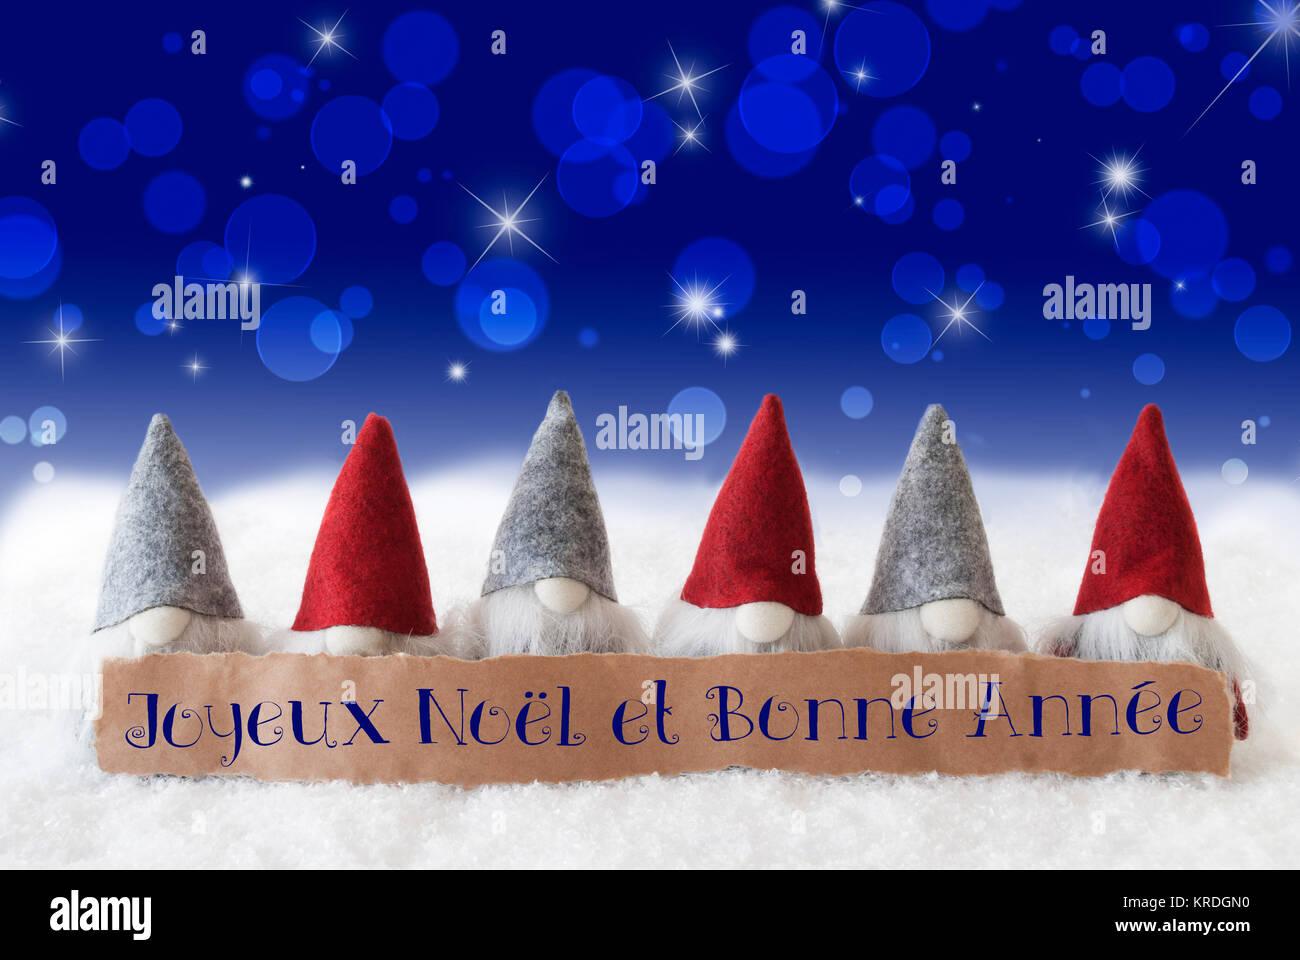 Auguri Di Buon Natale E Felice Anno Nuovo In Francese.Etichetta Con Testo Francese Joyeux Noel Et Bonne Annee